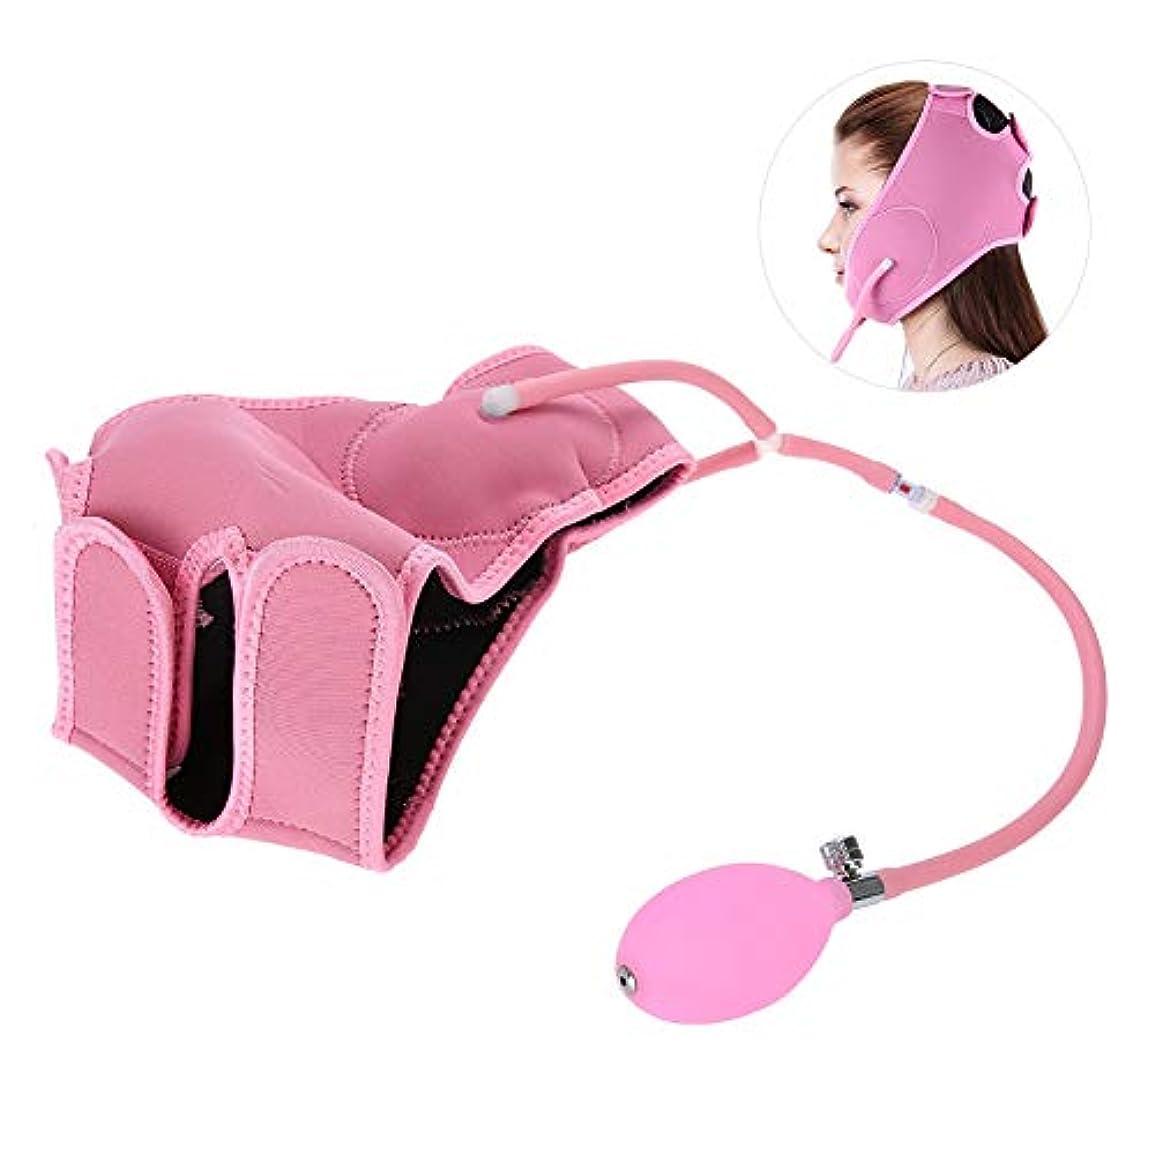 パーツ無駄シロナガスクジラ美顔術の器械、創造的なエアバッグの設計は持ち上がる包帯をきつく締めます二重あごの美顔術のための顔の心配用具を滑らかにします